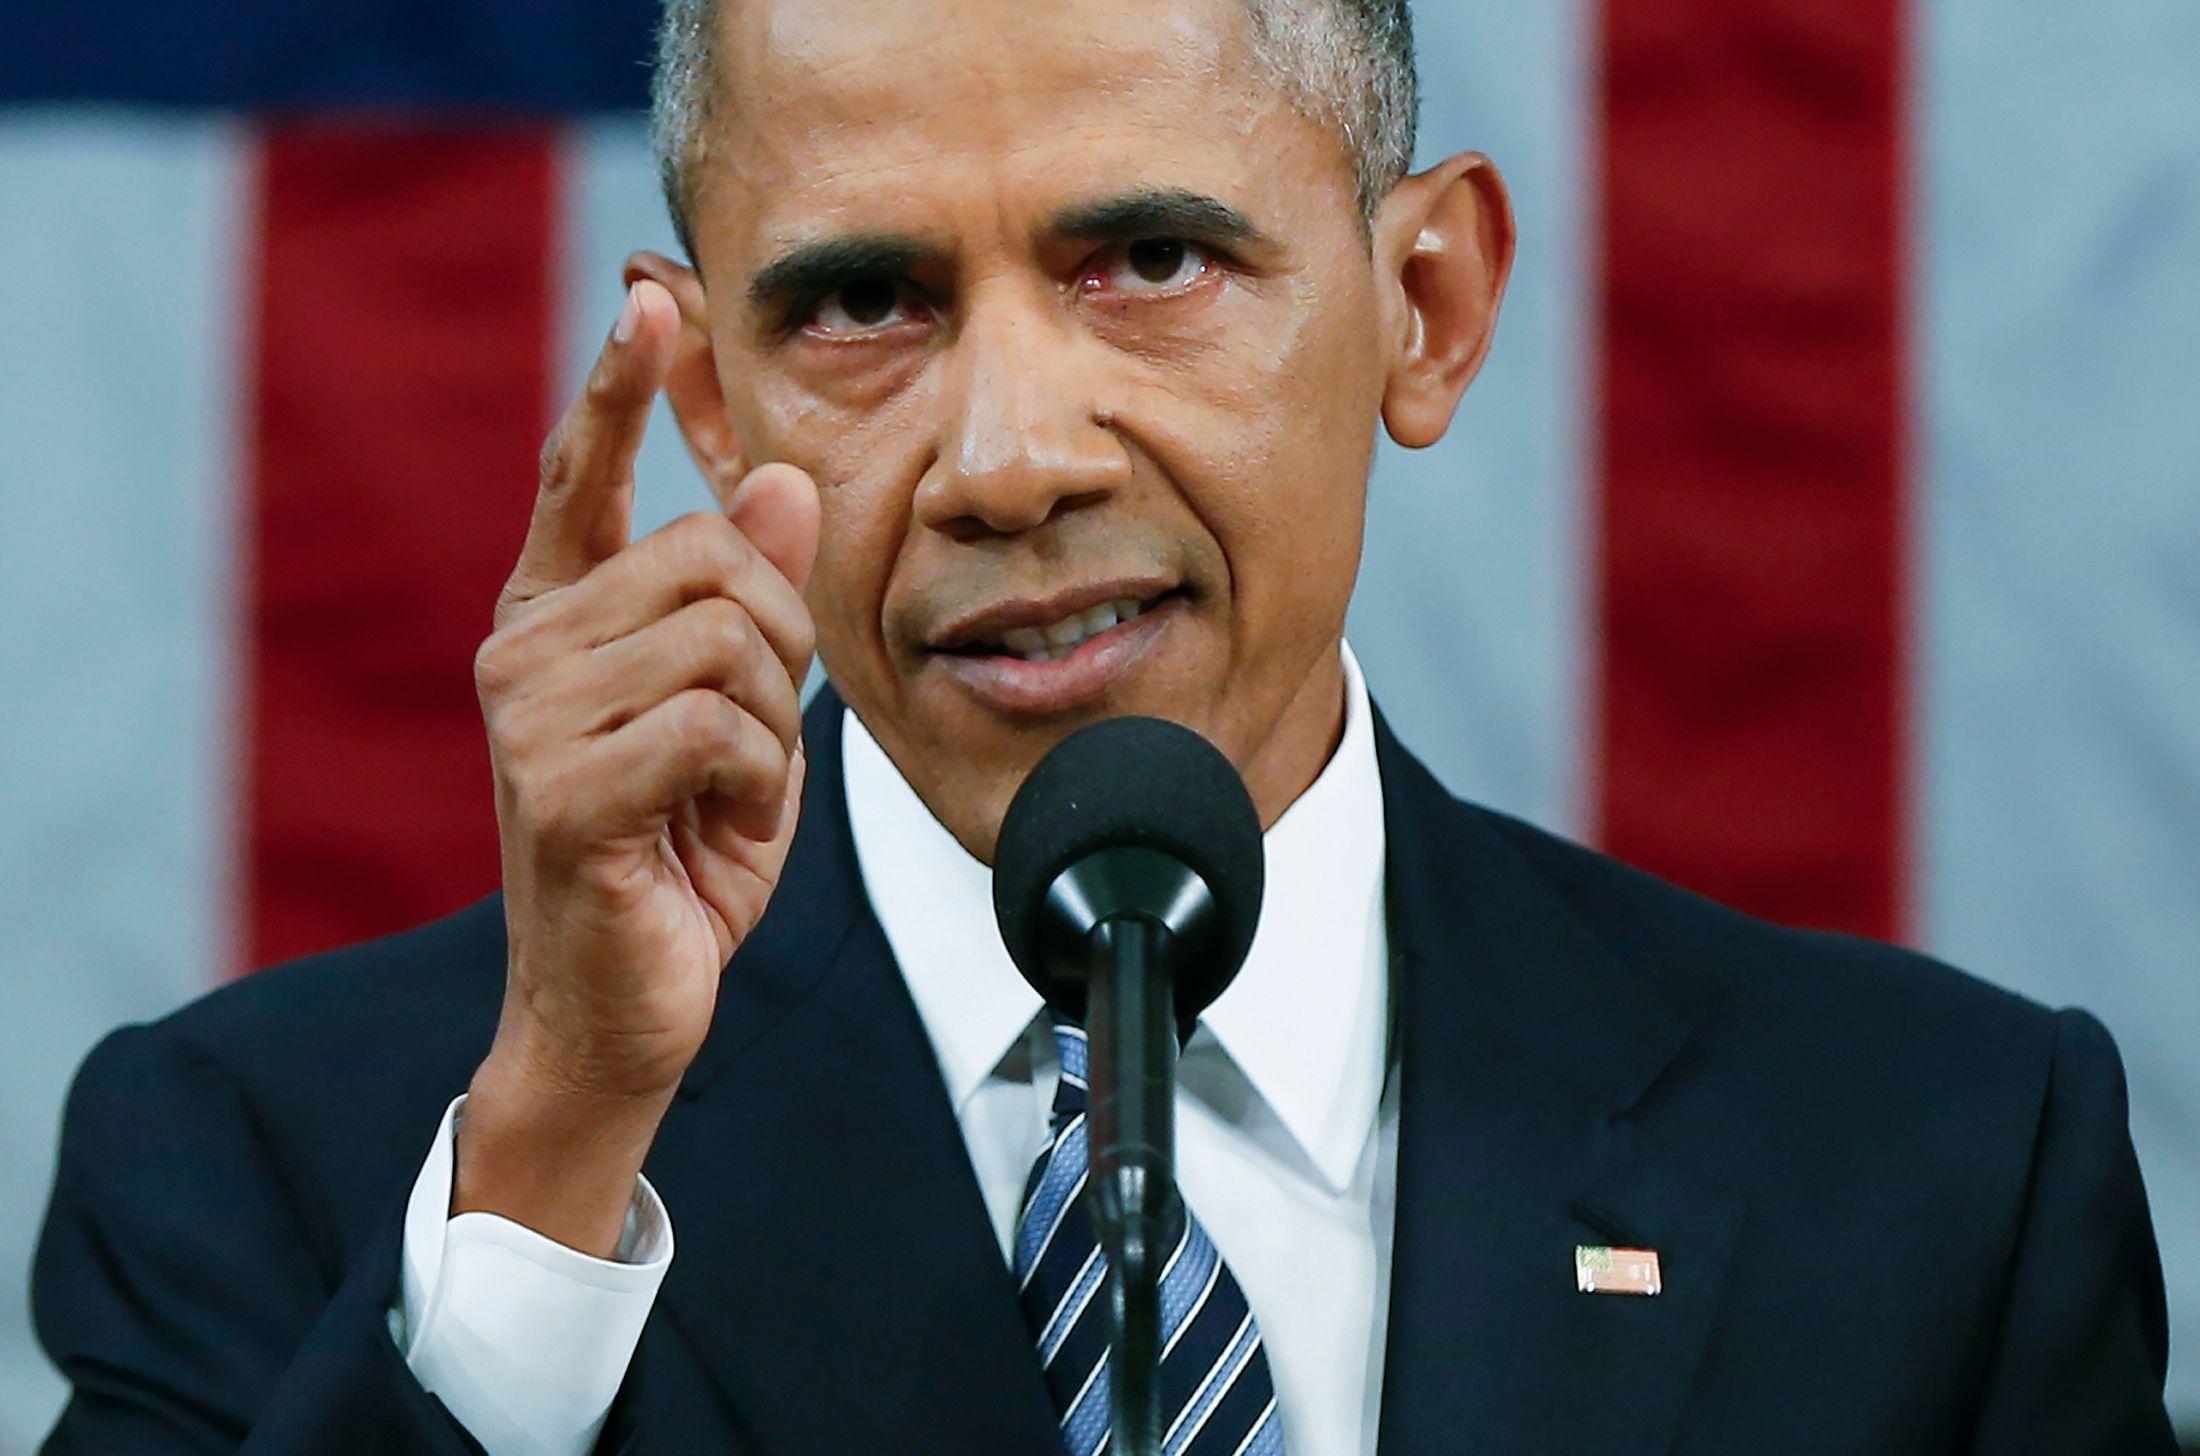 Emmanuel Macron : ce que nous réserve un quinquennat placé sous la double inspiration Obama / Hollande